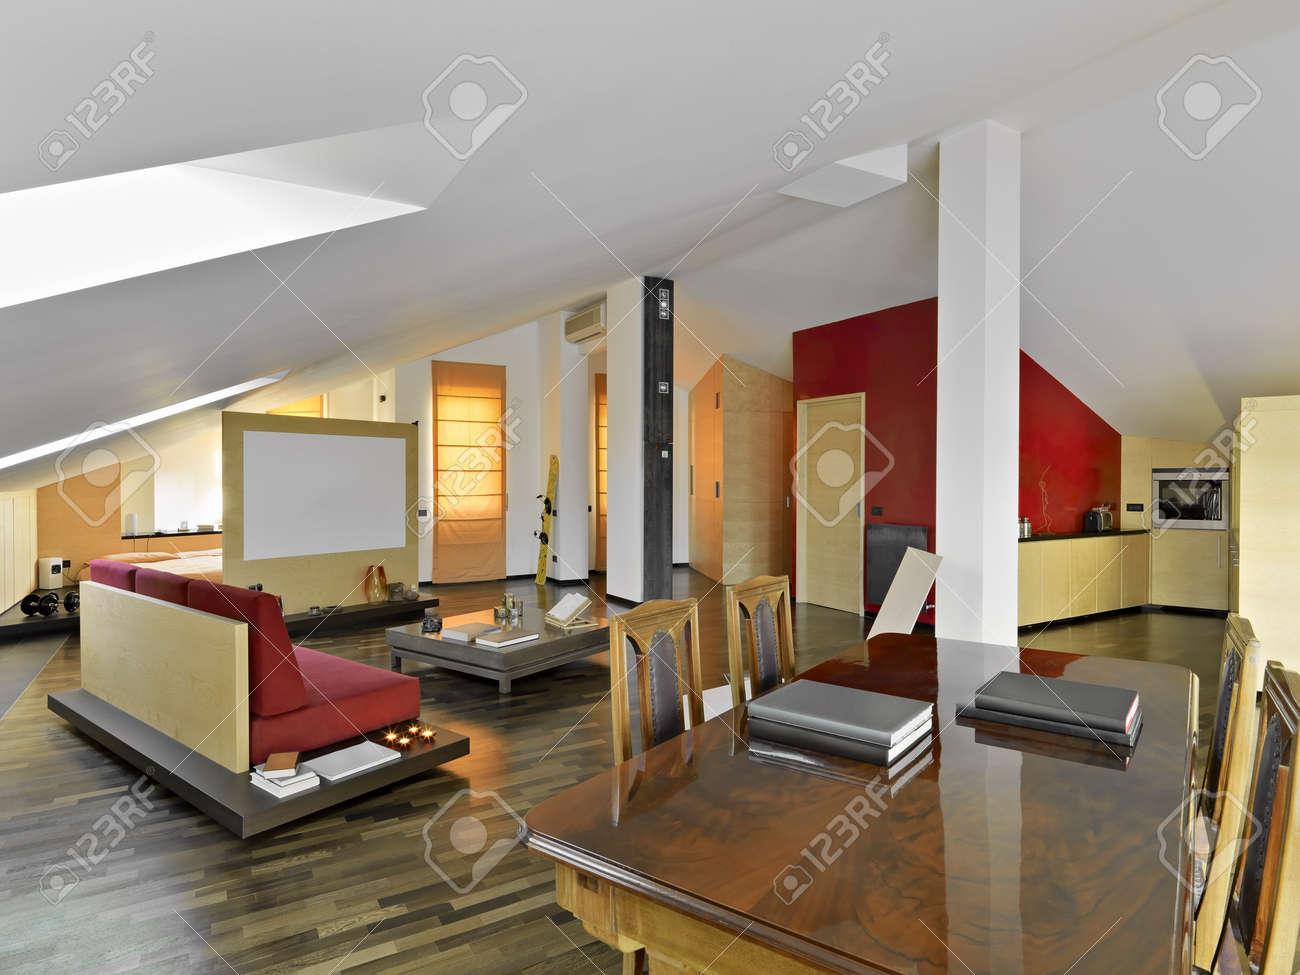 Belső Kilátás, Modern Nappali A Penthouse Fa Padló Royalty Free ...